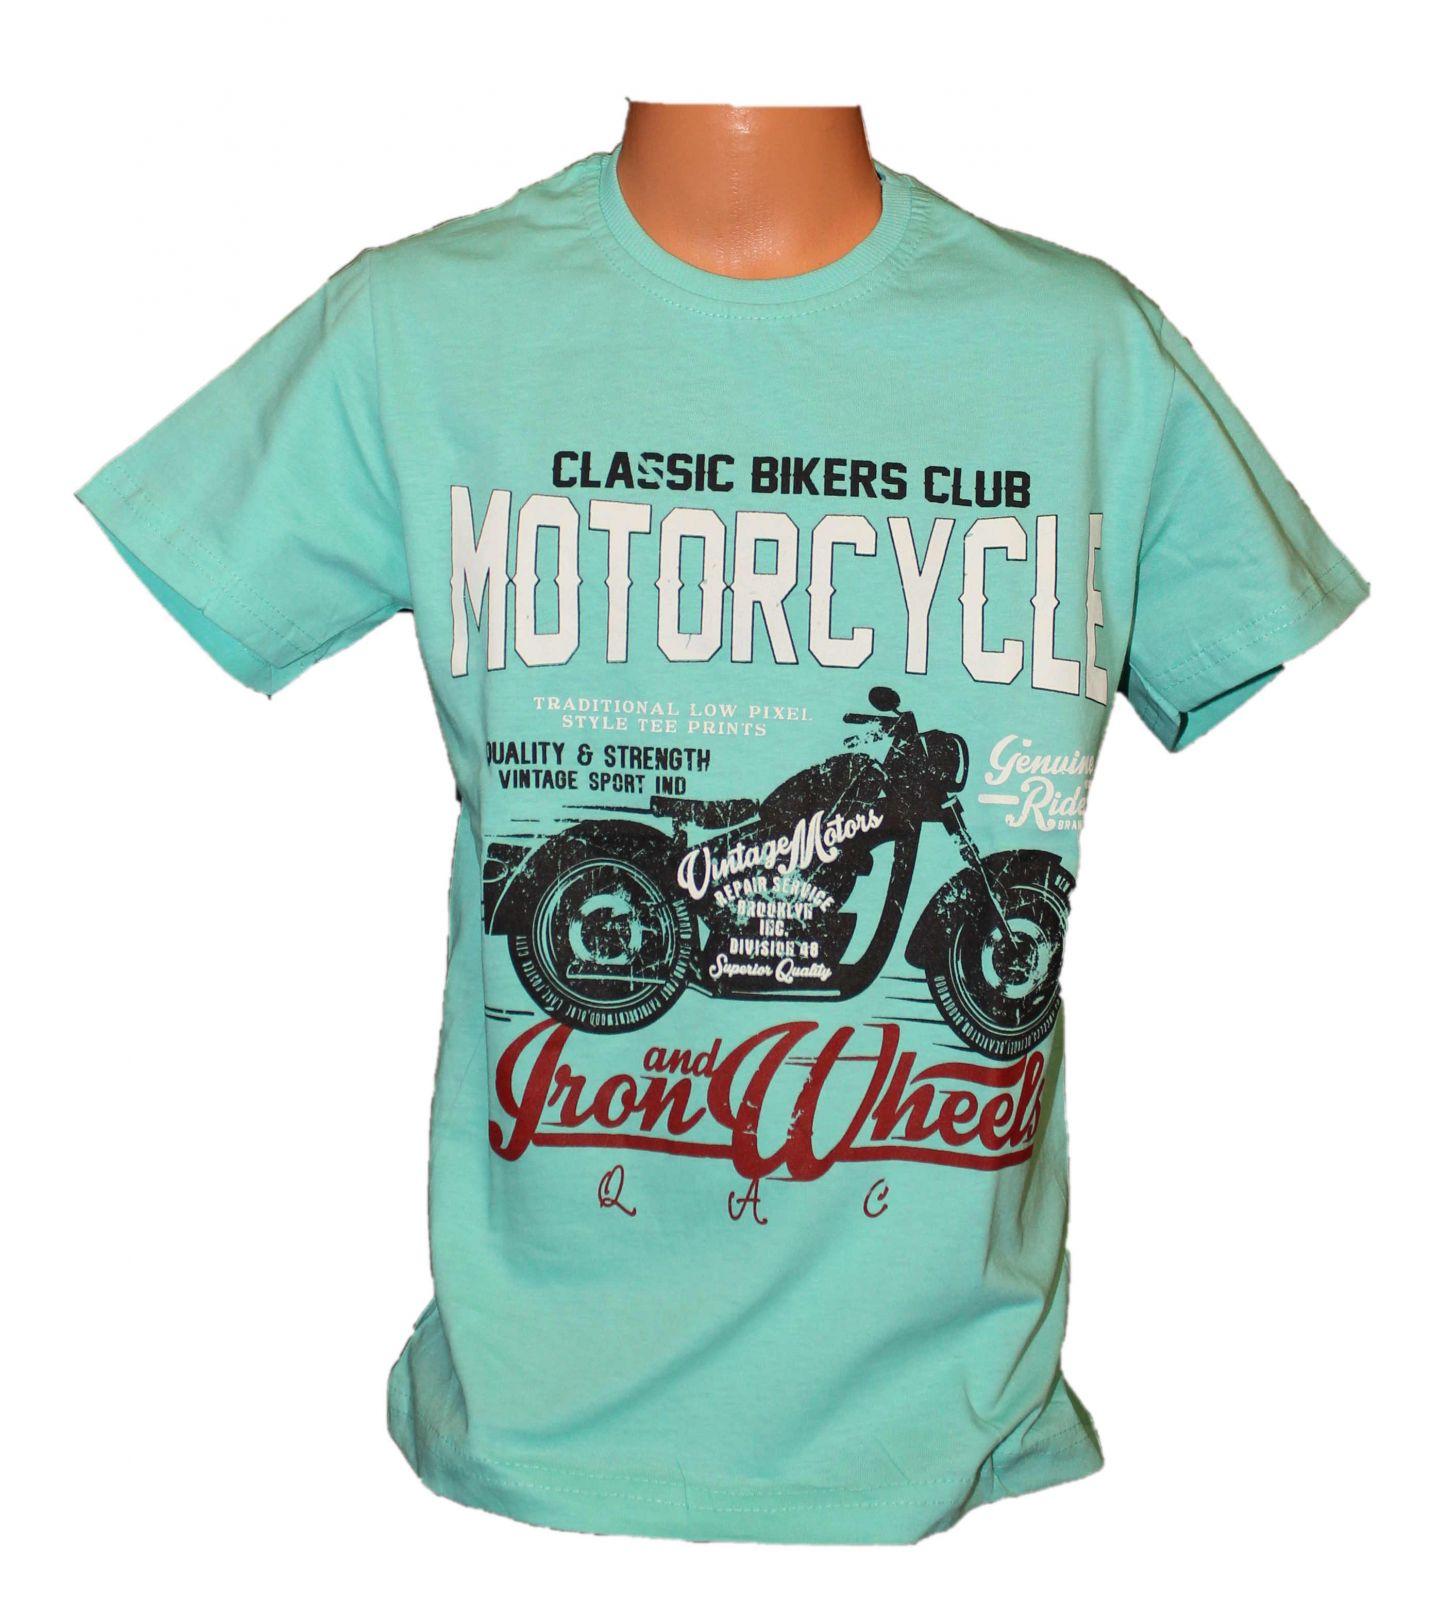 Chlapecké tričko s motorkou bavlněné tričko motorka chlapecké triko dětské tričko s motorkou